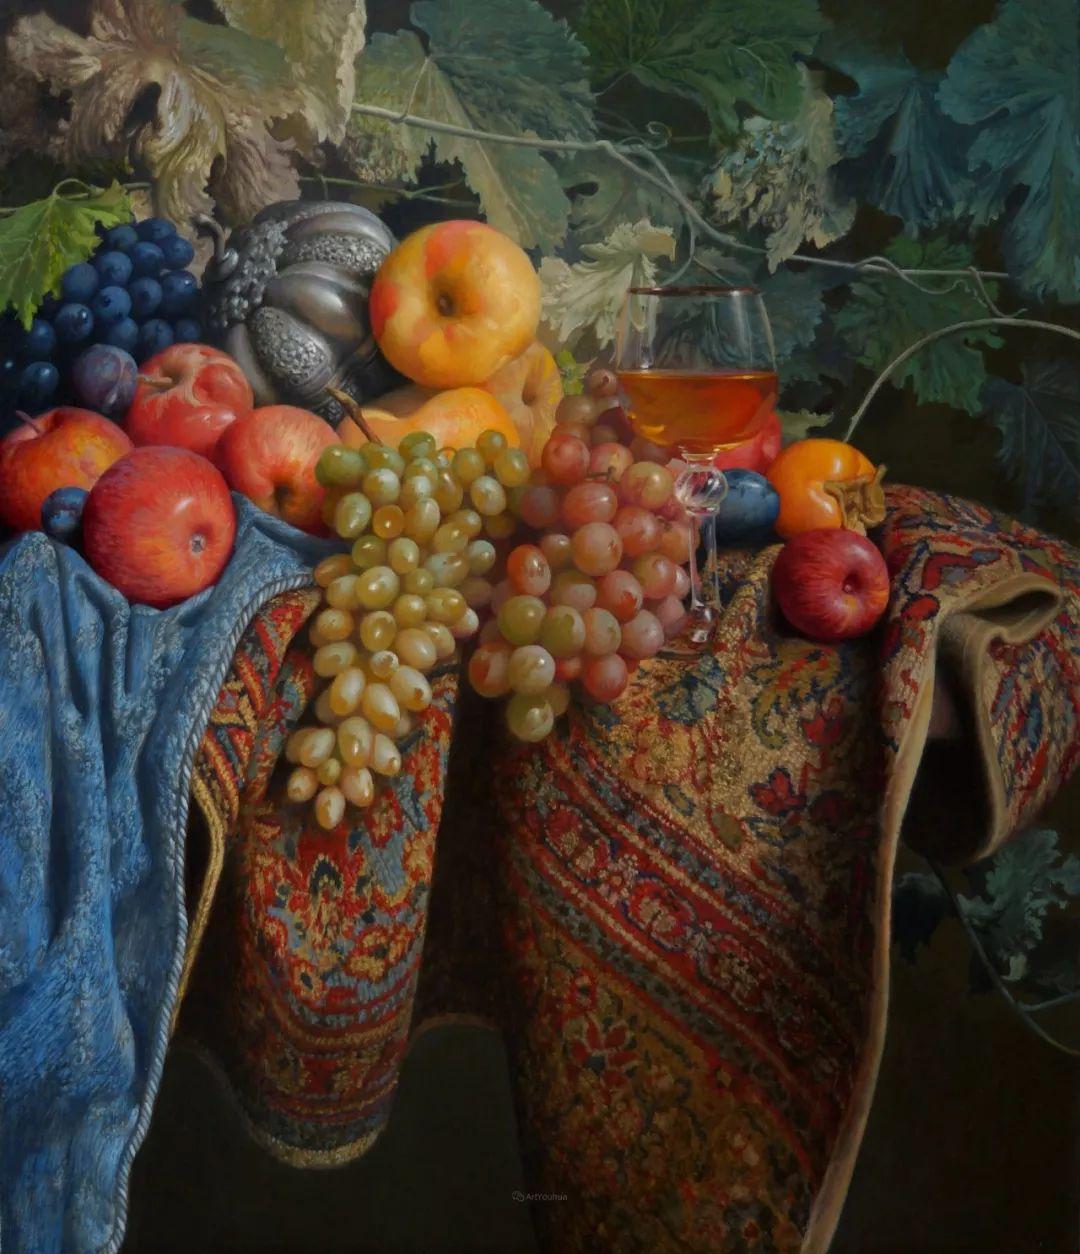 非常丰盛,静物水果!俄罗斯画家亚历山大·赛义多夫作品一插图23